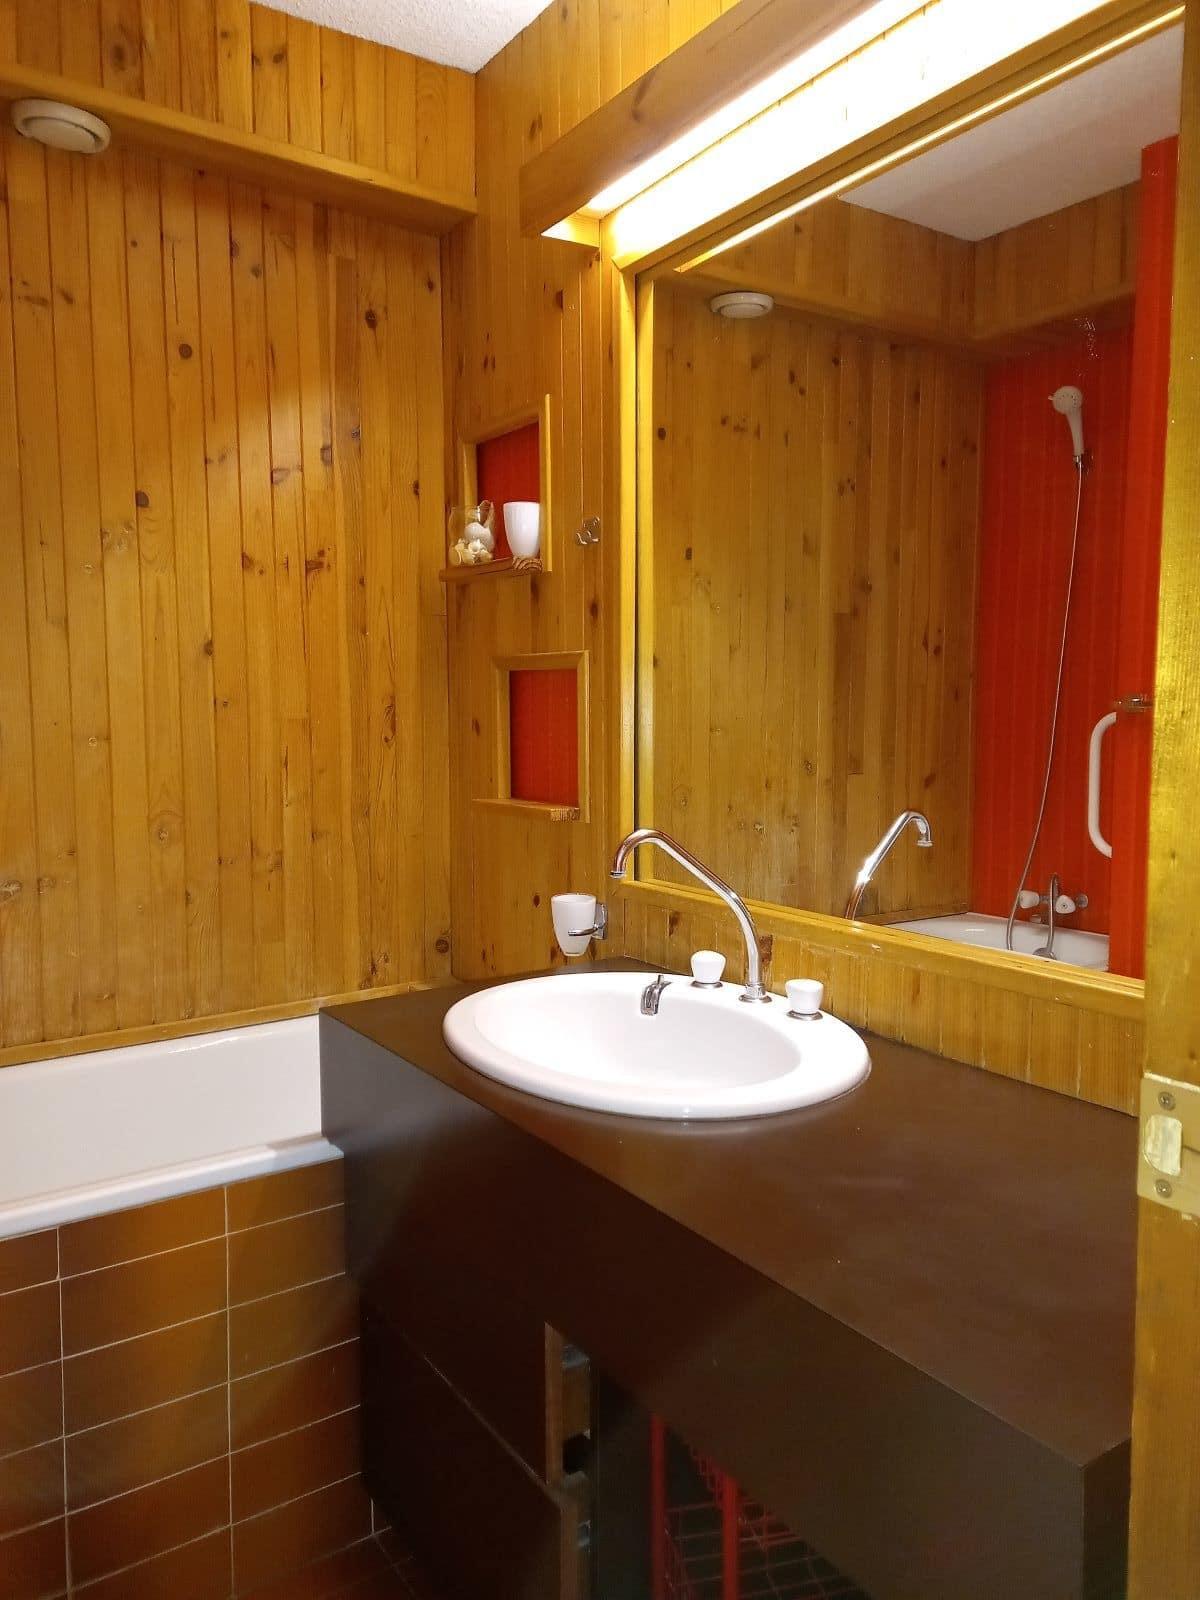 20211011 143349 - ANCELLE T3 DE 47 m² (8 COUCHAGES) AVEC TROIS BALCONS